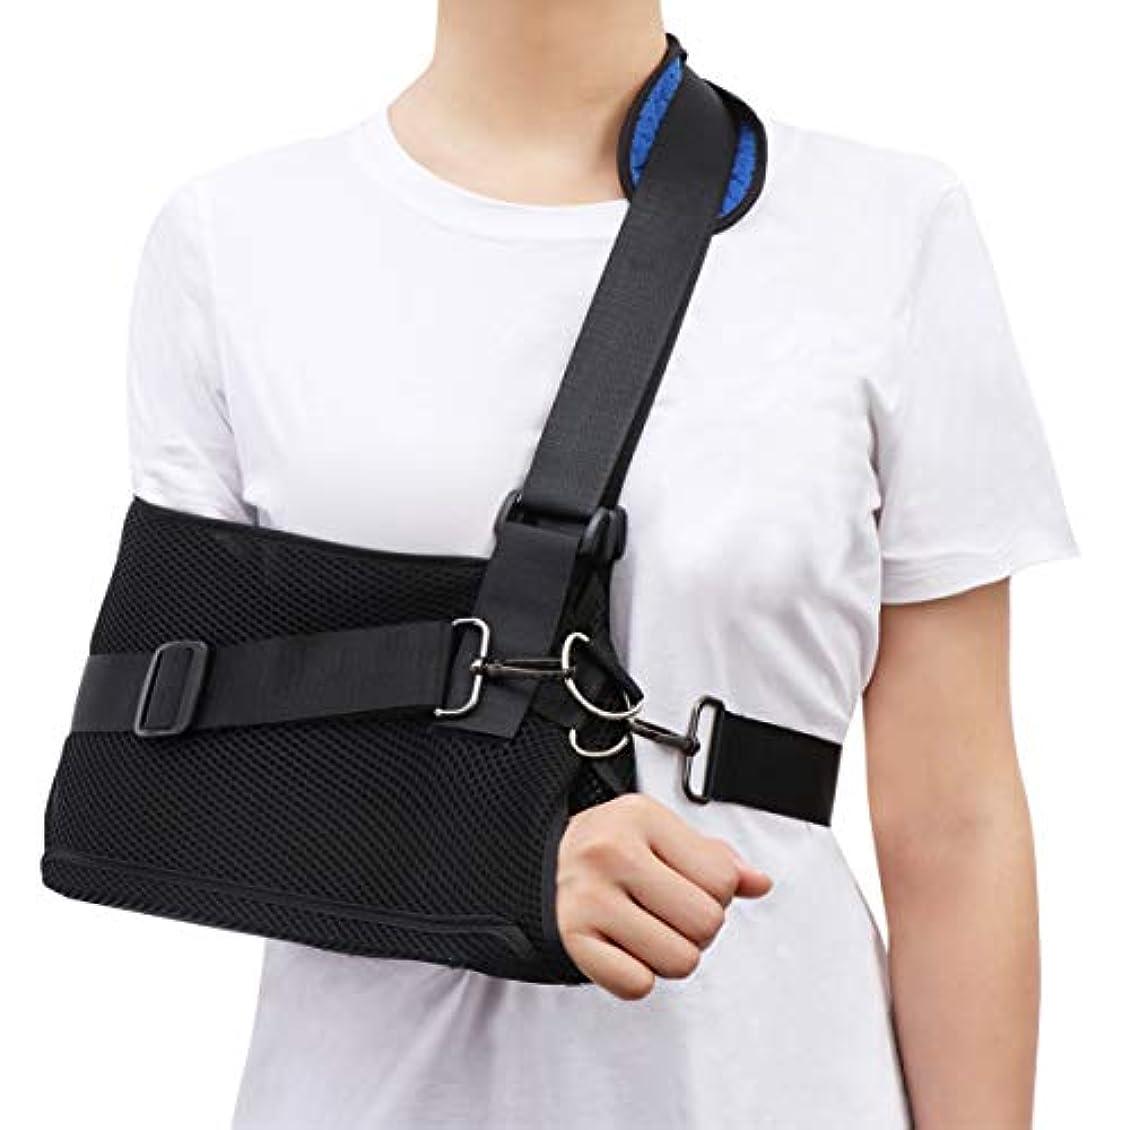 減少一流オアシスSUPVOX 肩イモビライザースリングアームスリング医療肩イモビライザー回転子カフ手首肘前腕サポートブレースストラップ